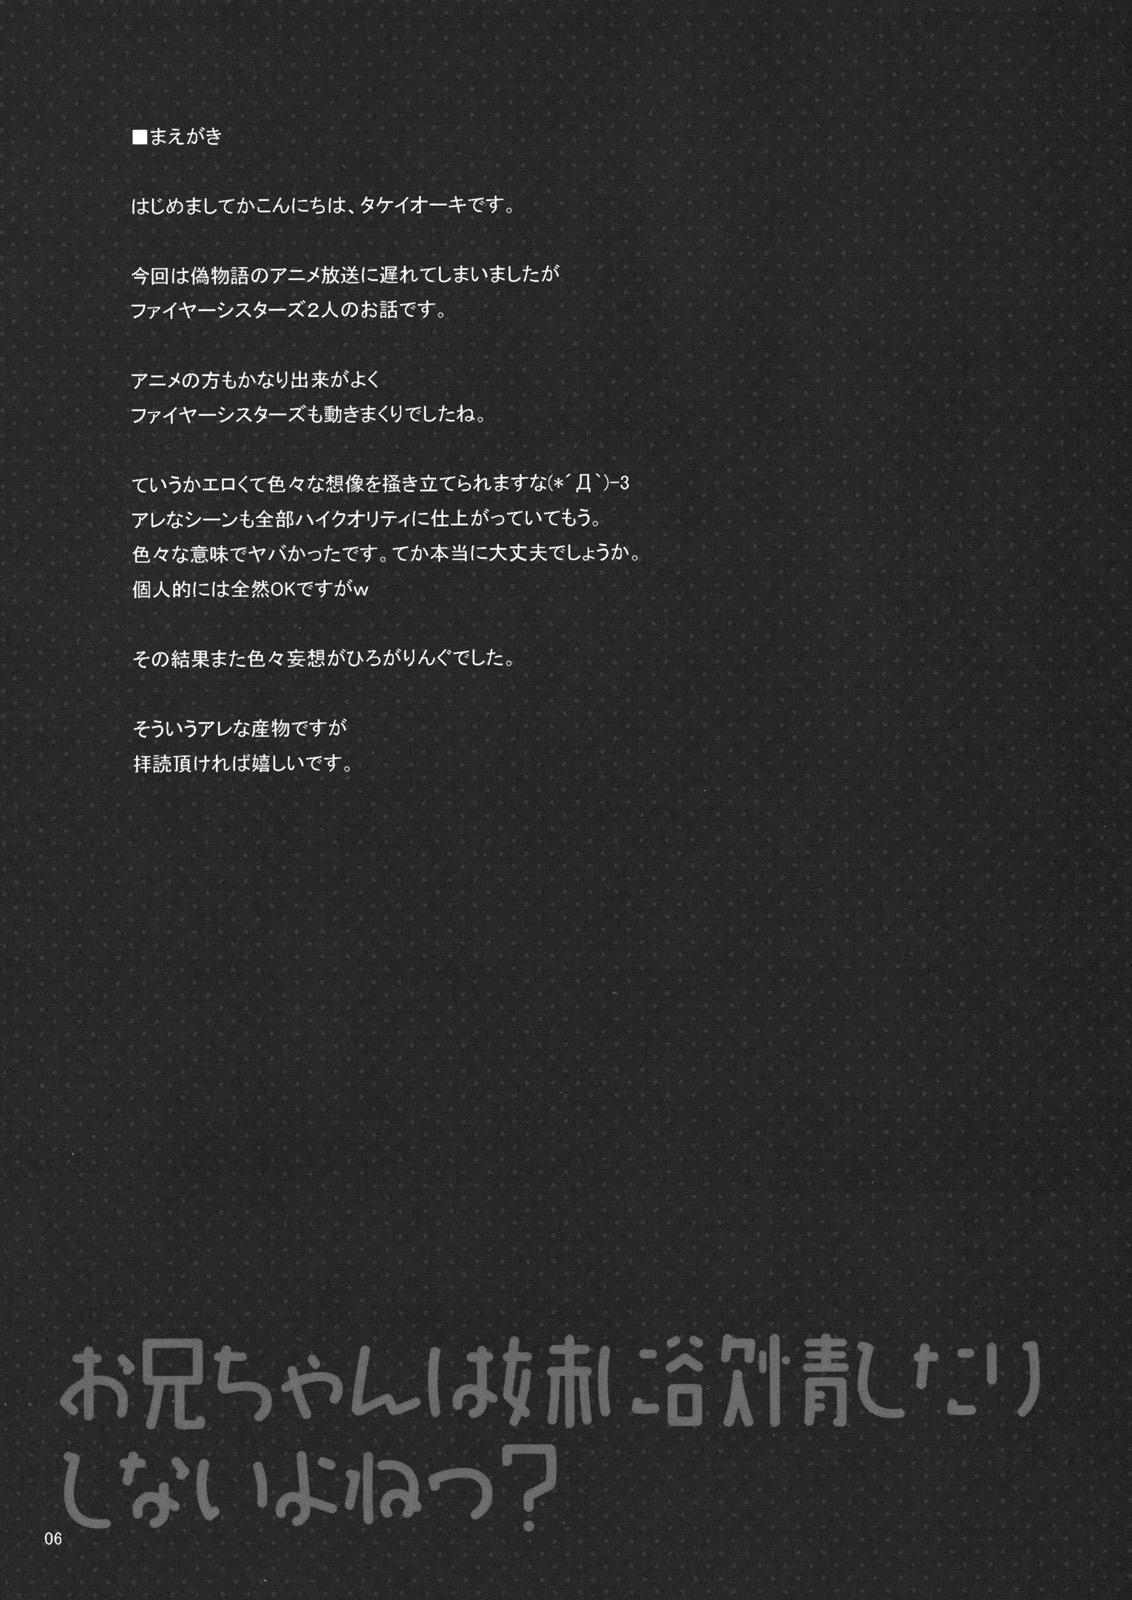 Oniichan wa Imouto ni Yokujou Shitari Shinaiyone? 4